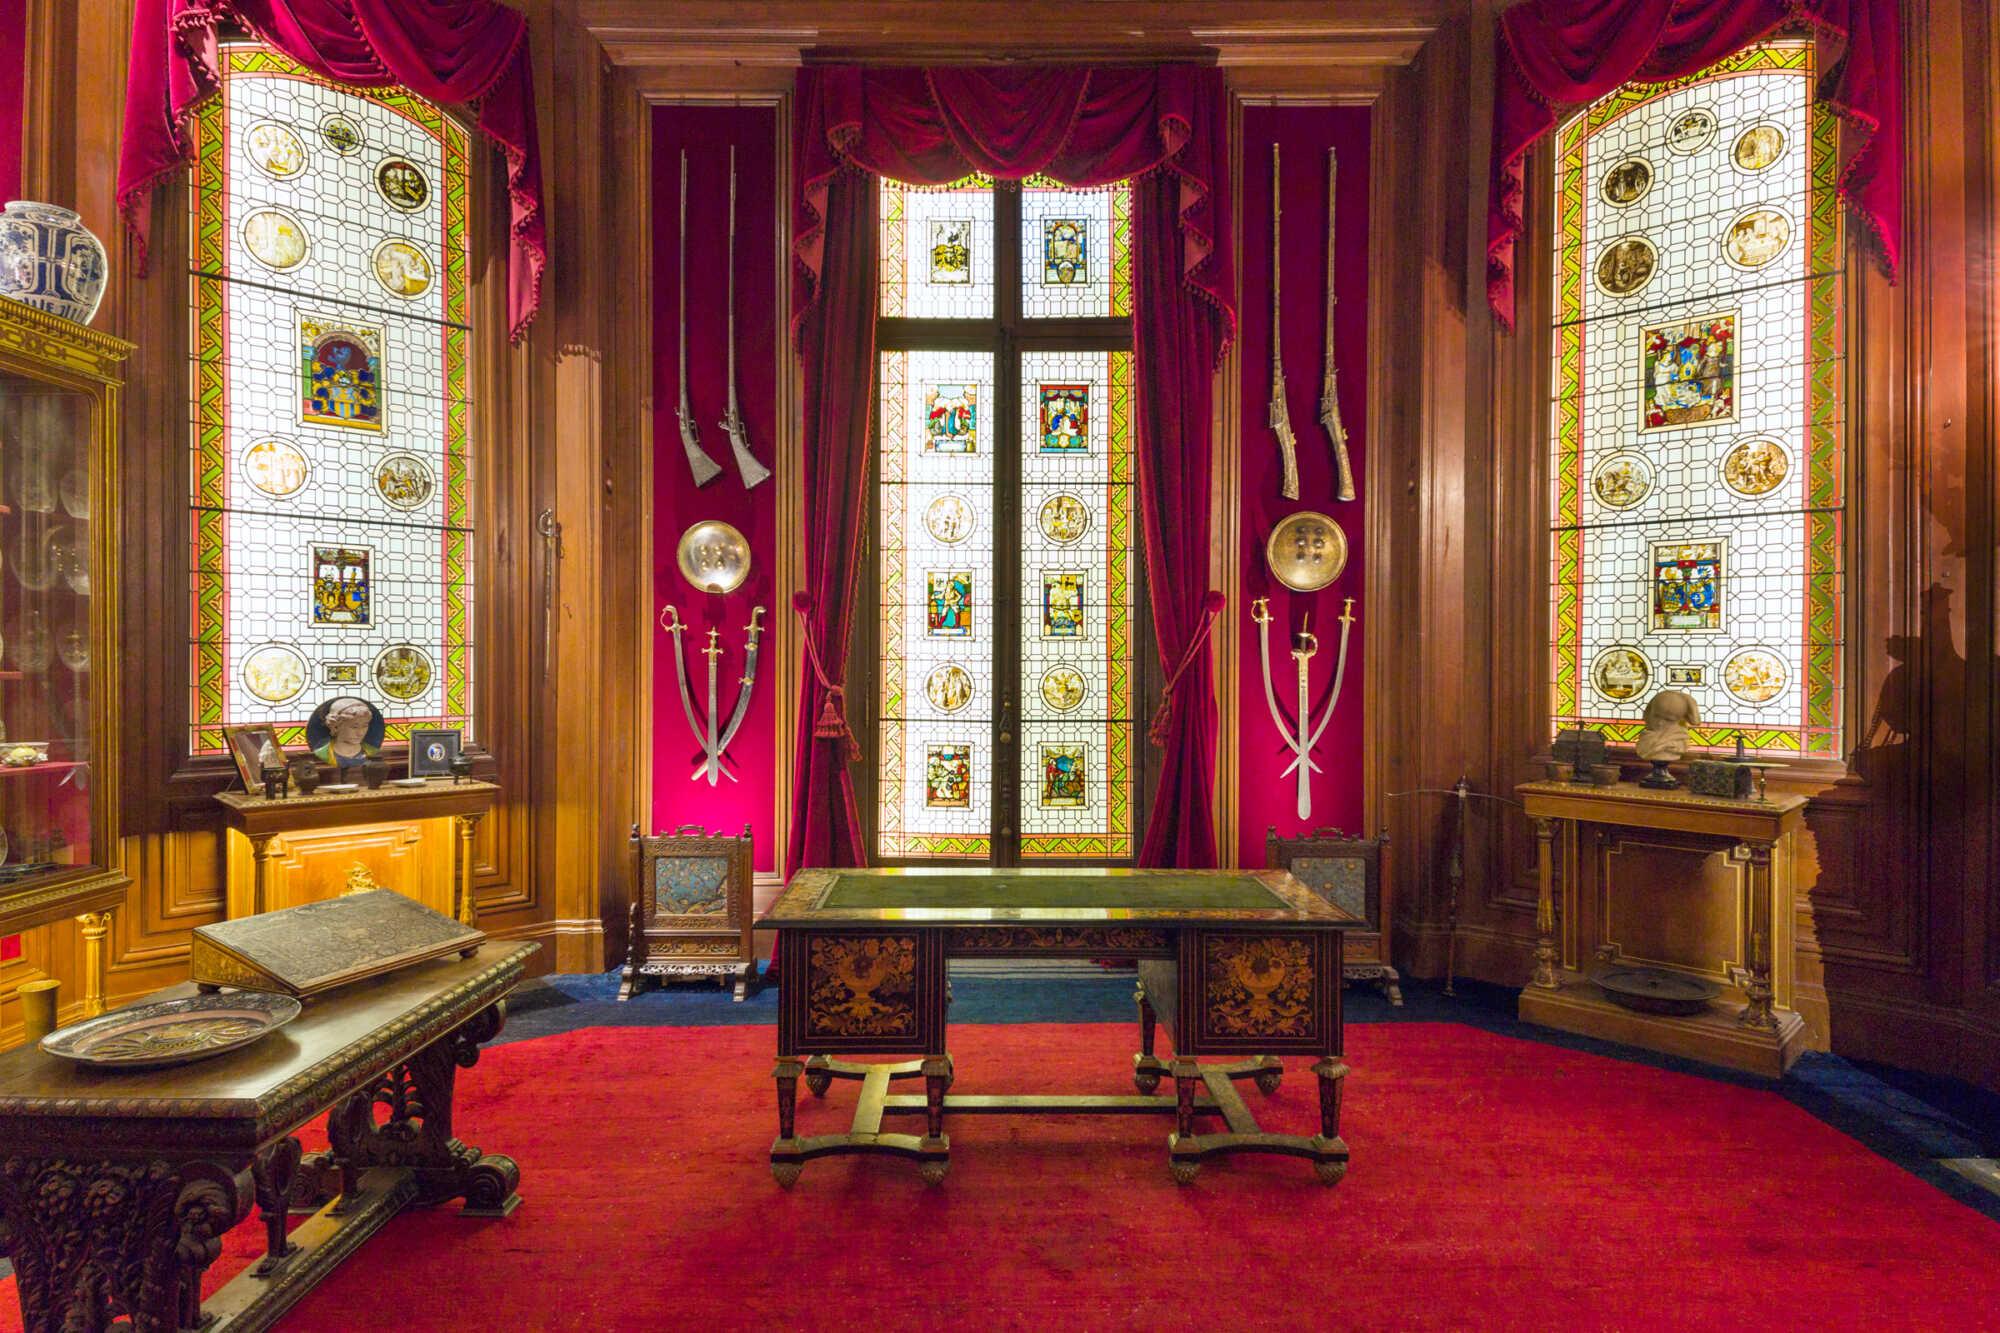 Cabinet de curiosité Salomon de Rothschild